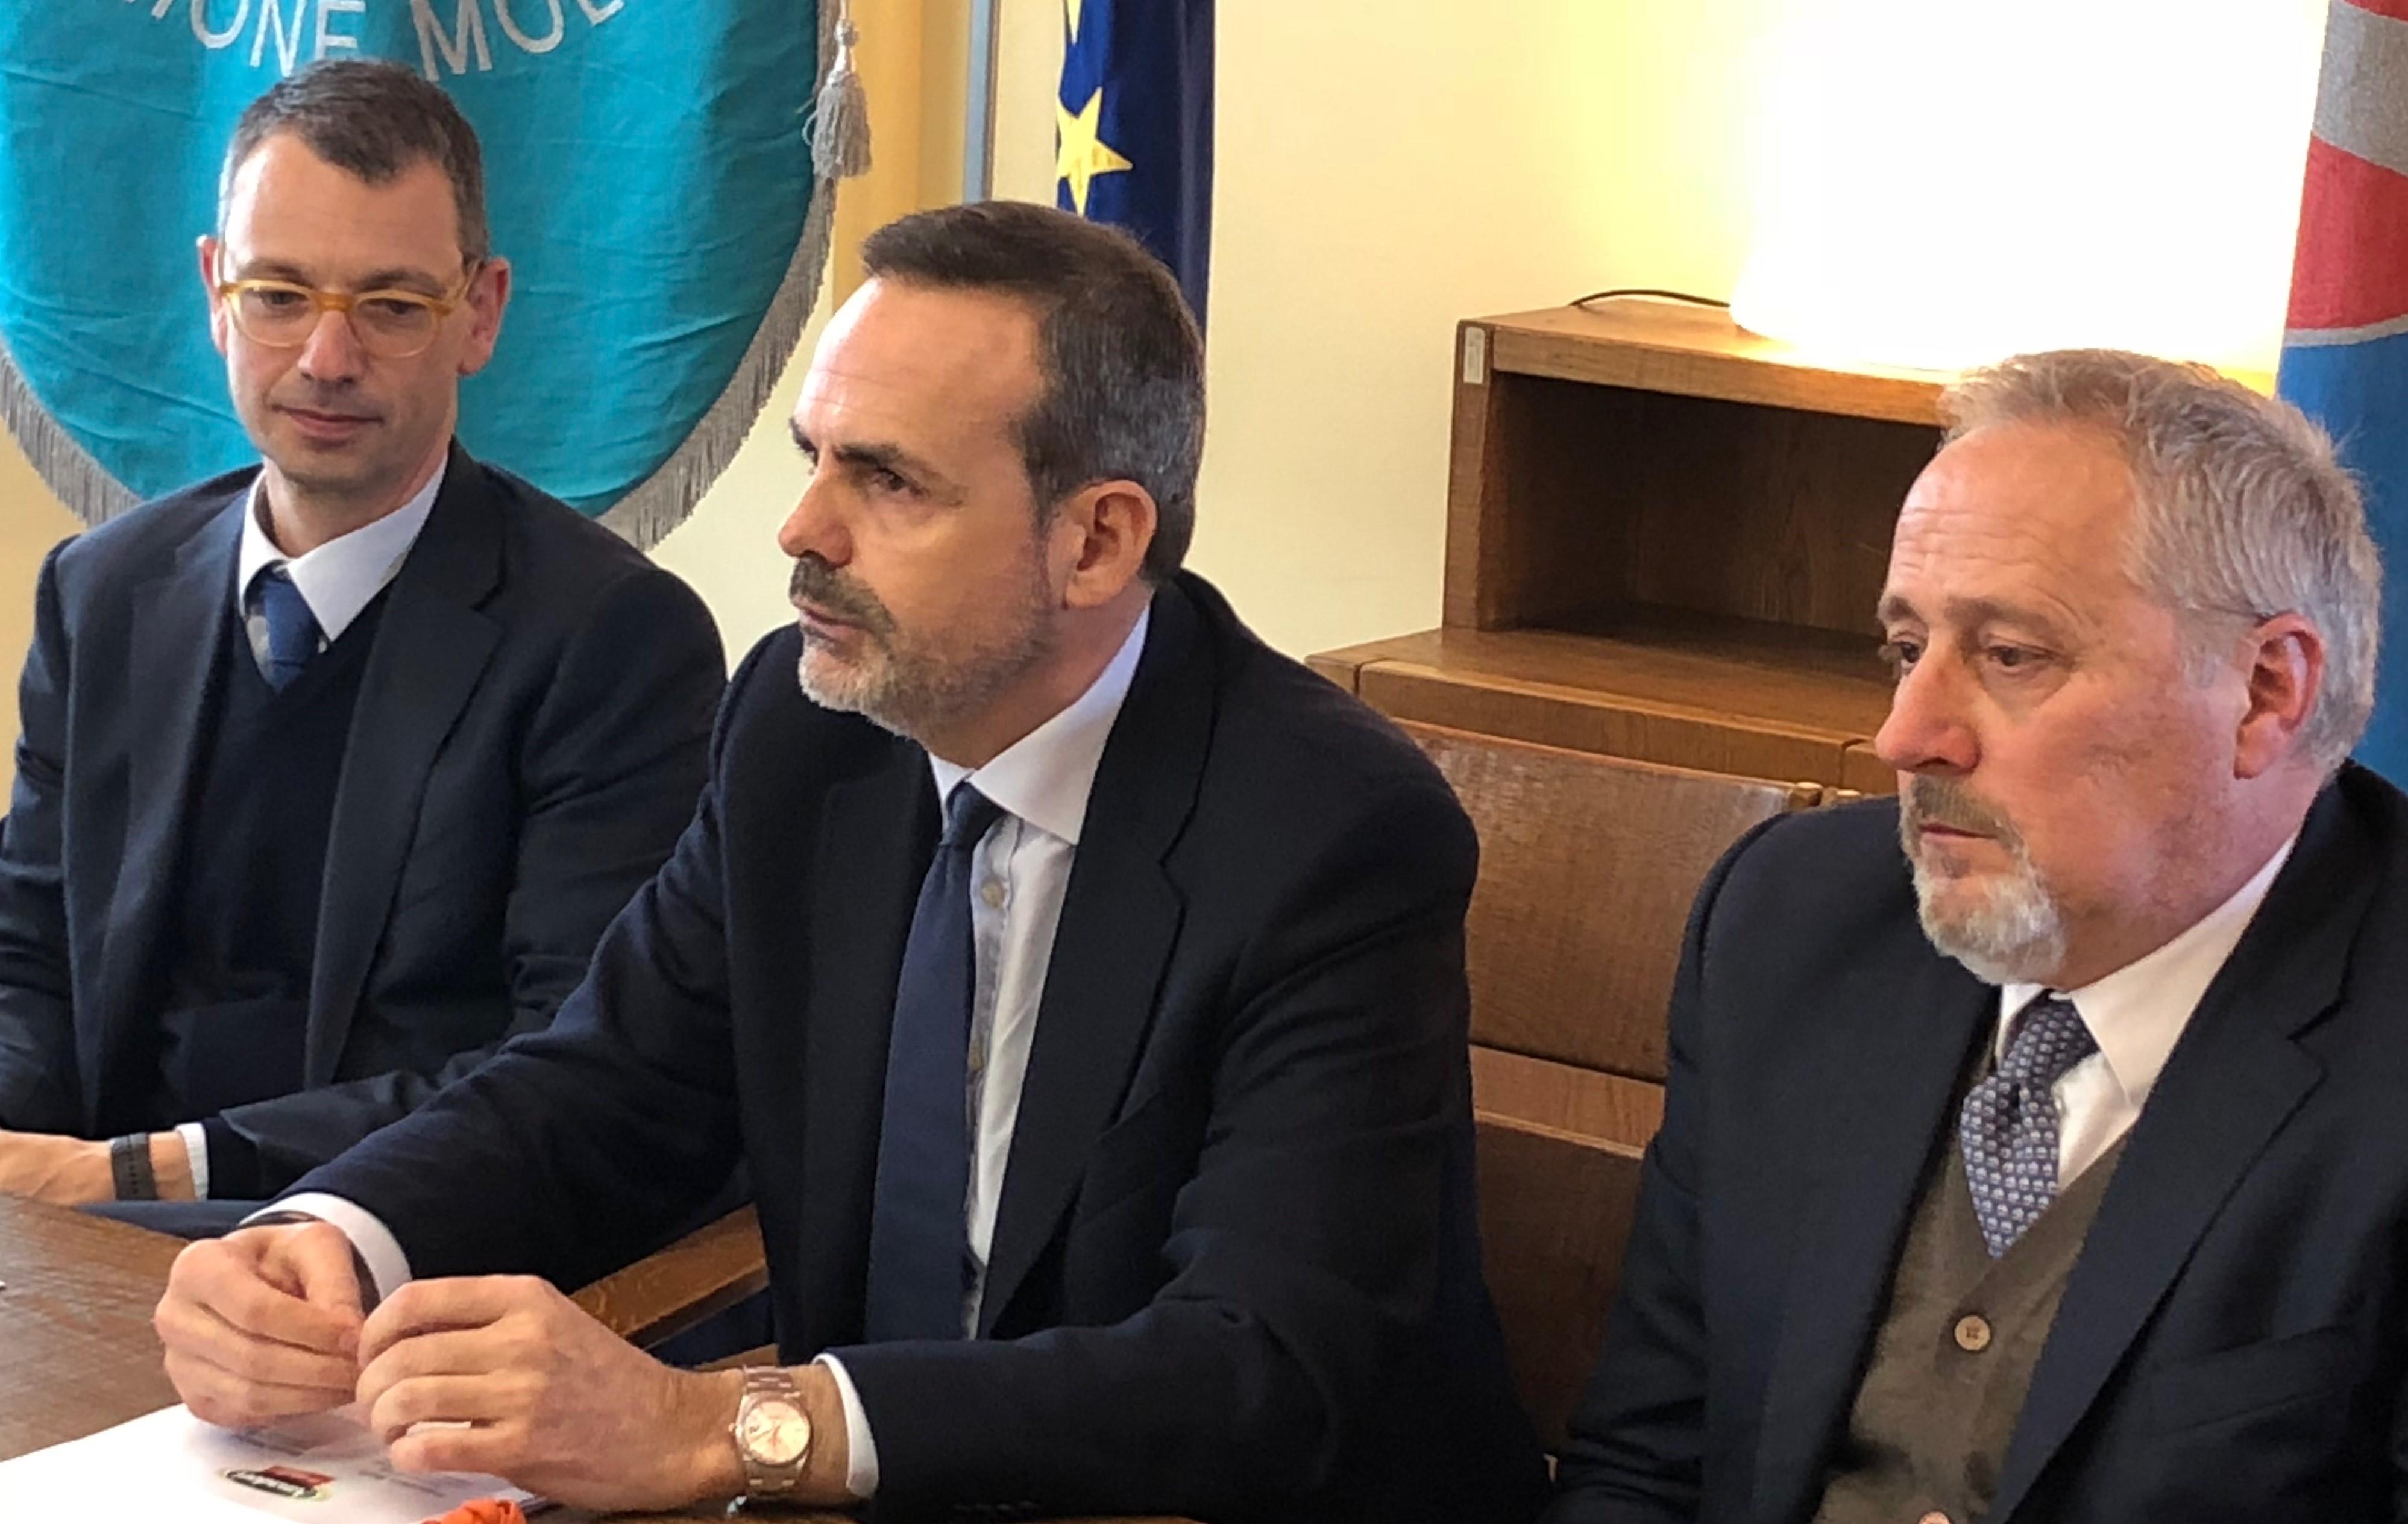 Amadori conferma gli impegni, oltre 45 mln per creare filiera di alta qualità